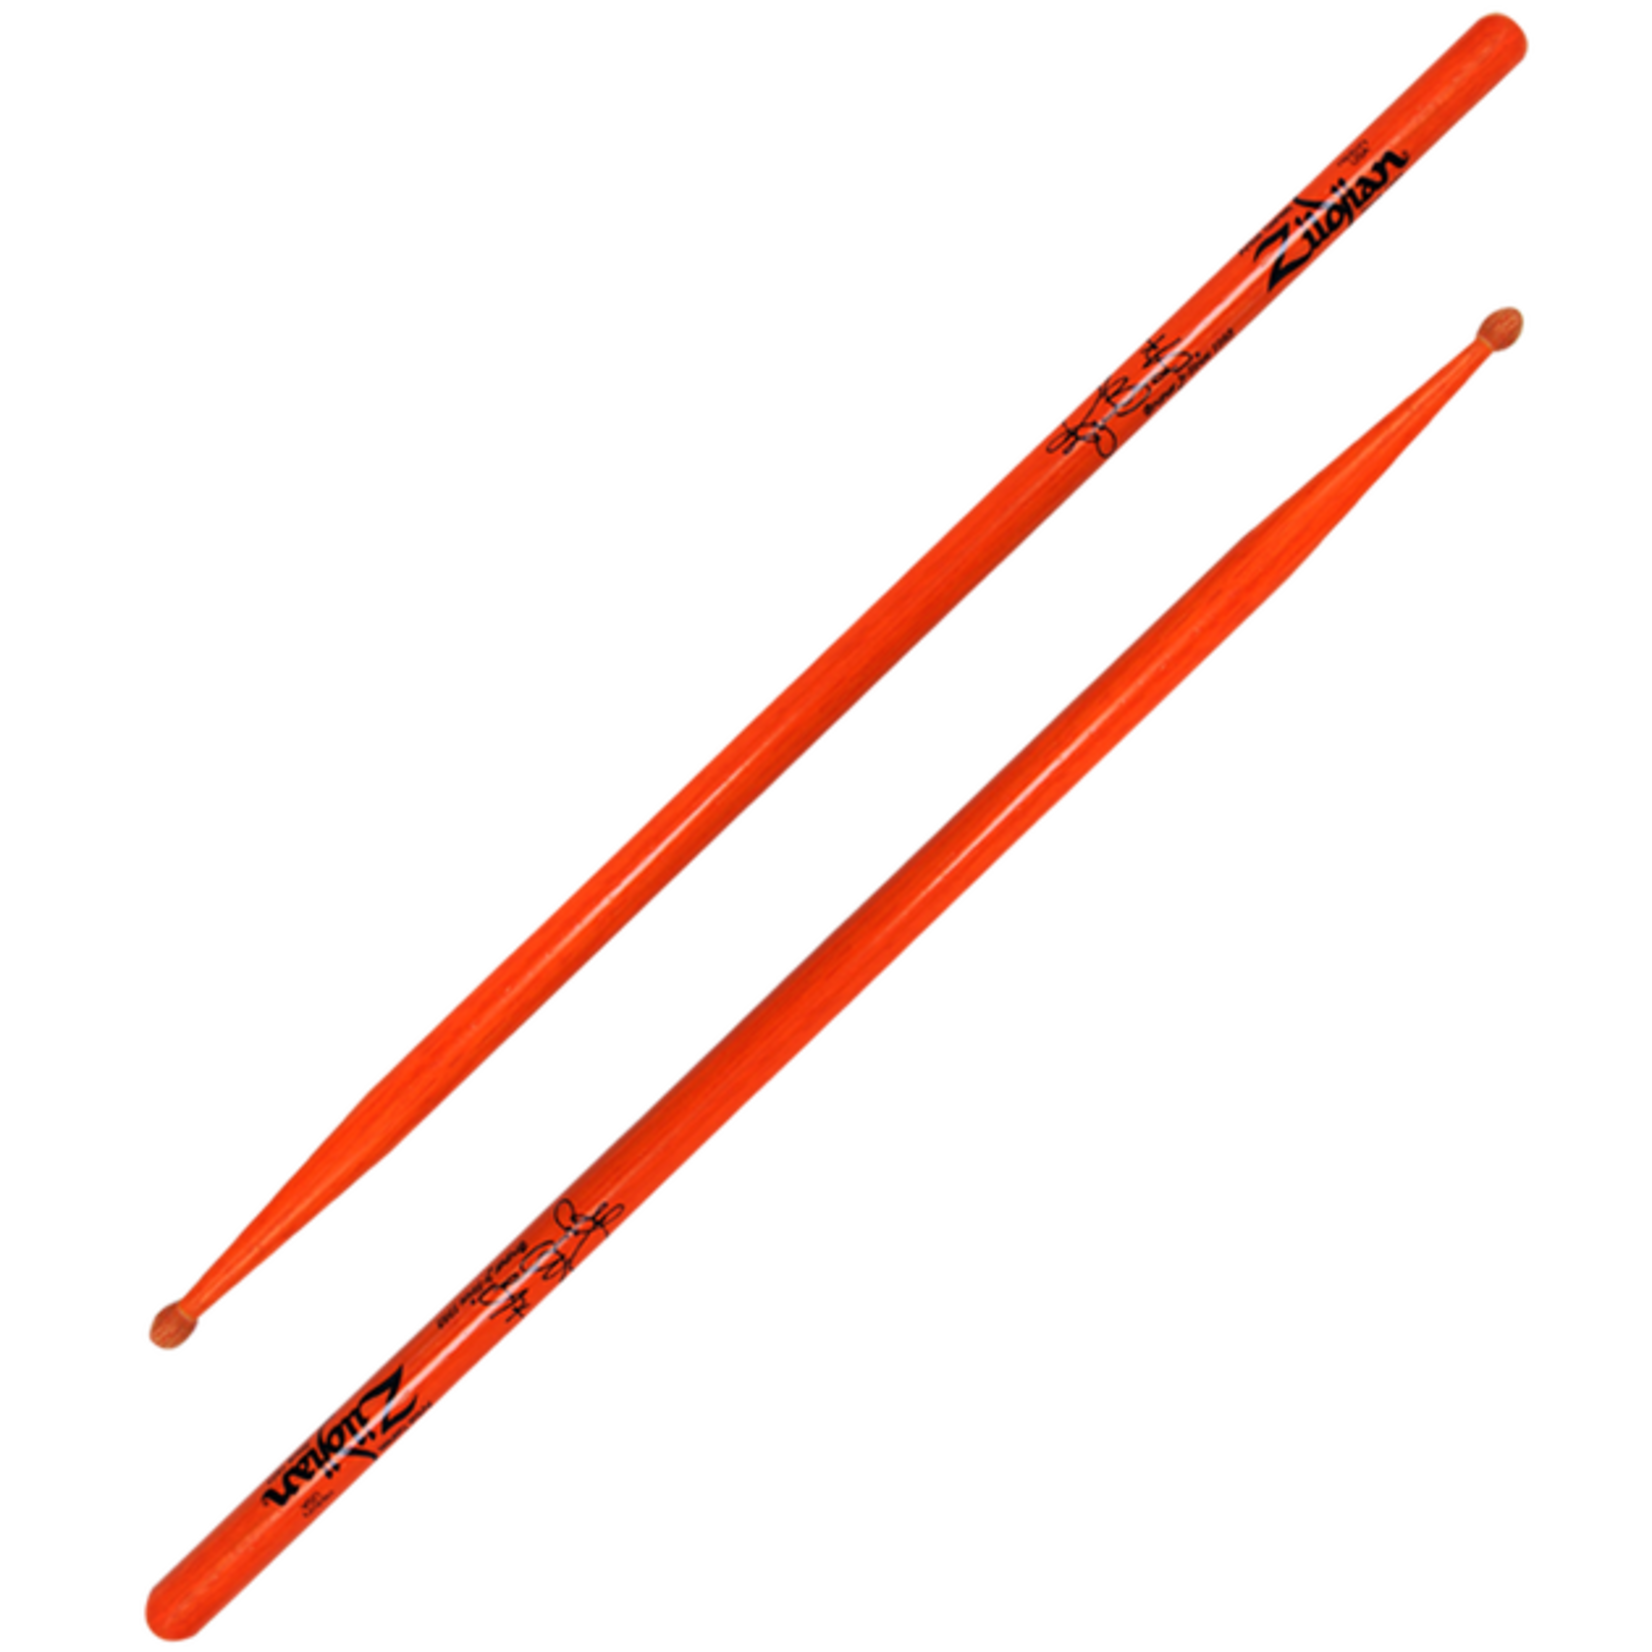 Zildjian Zildjian Ronald Bruner Jr Artist Series Drumsticks